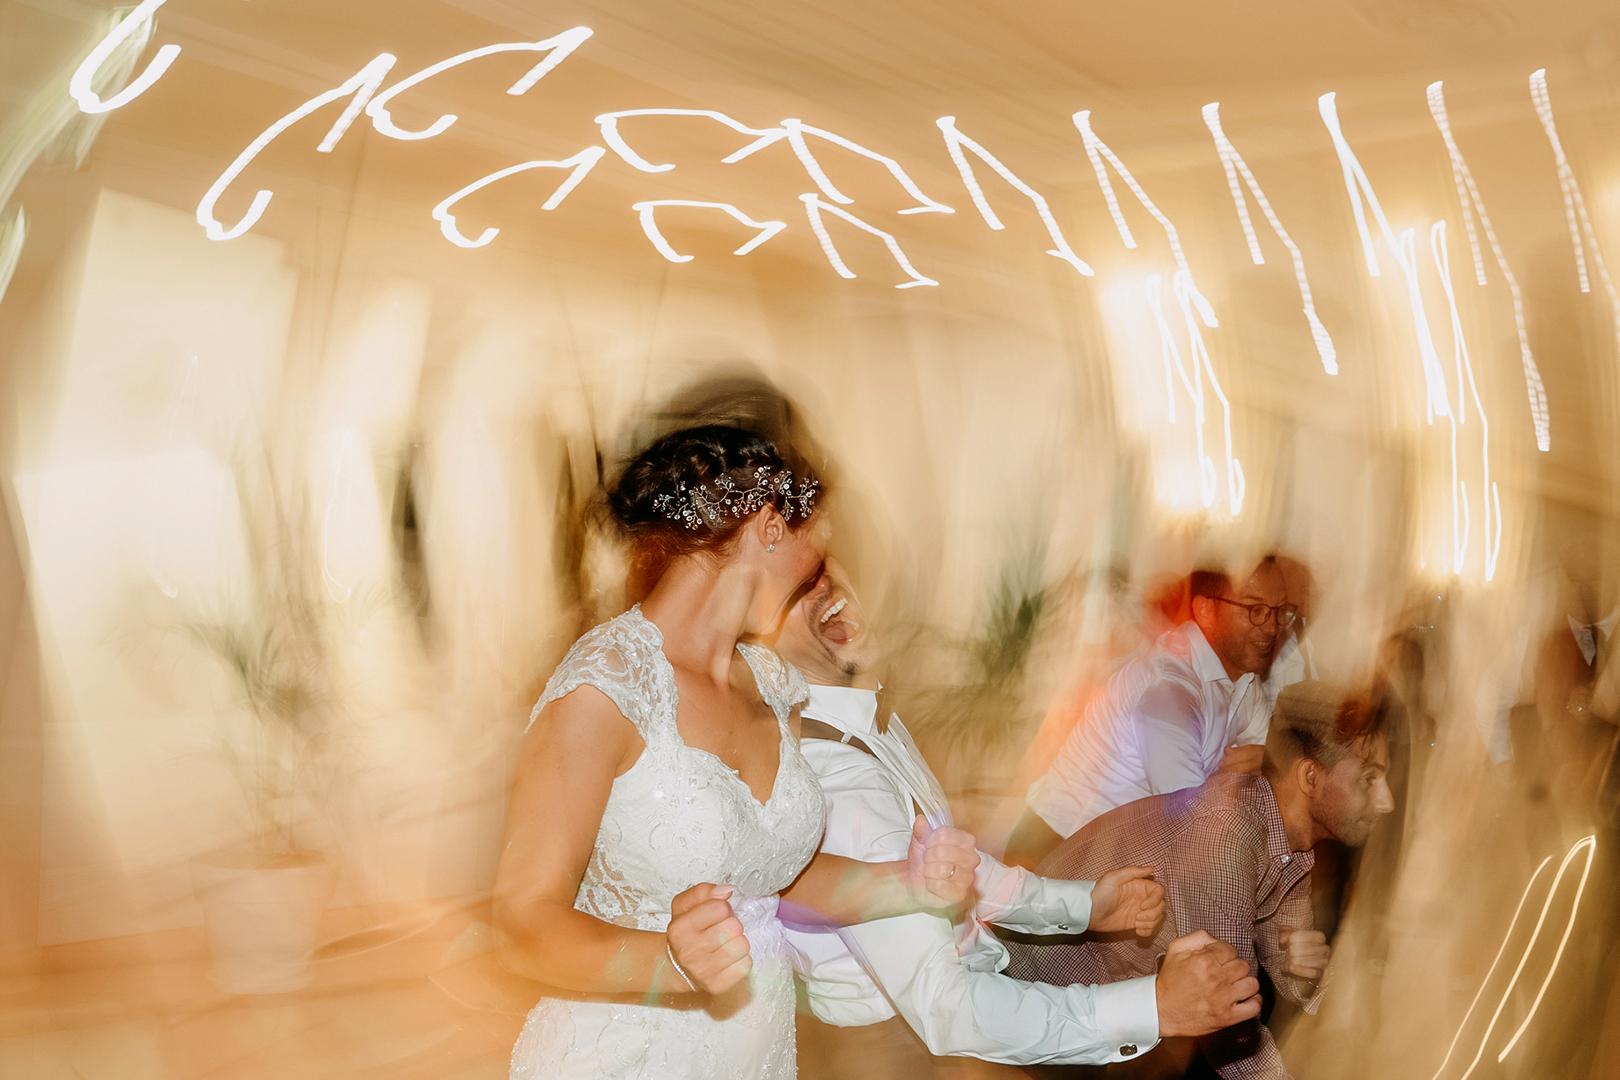 gianni-lepore-festa-amici-nunziale-sposa